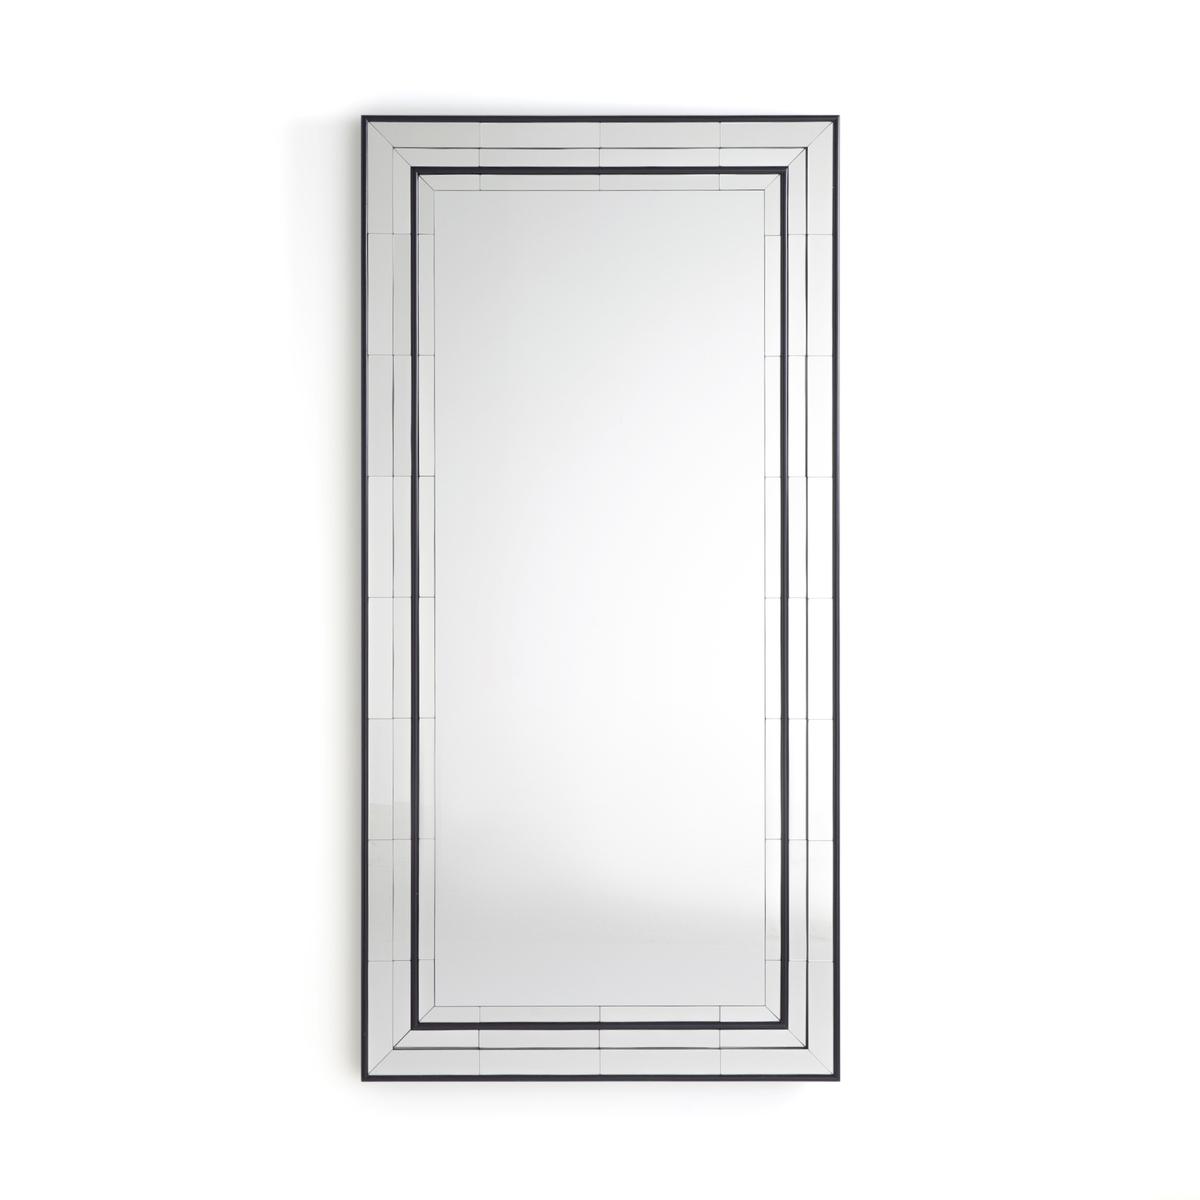 Зеркало La Redoute С мозаичным эффектом большая модель Kagami единый размер другие зеркало la redoute прямоугольное большой размер д x в см barbier единый размер другие